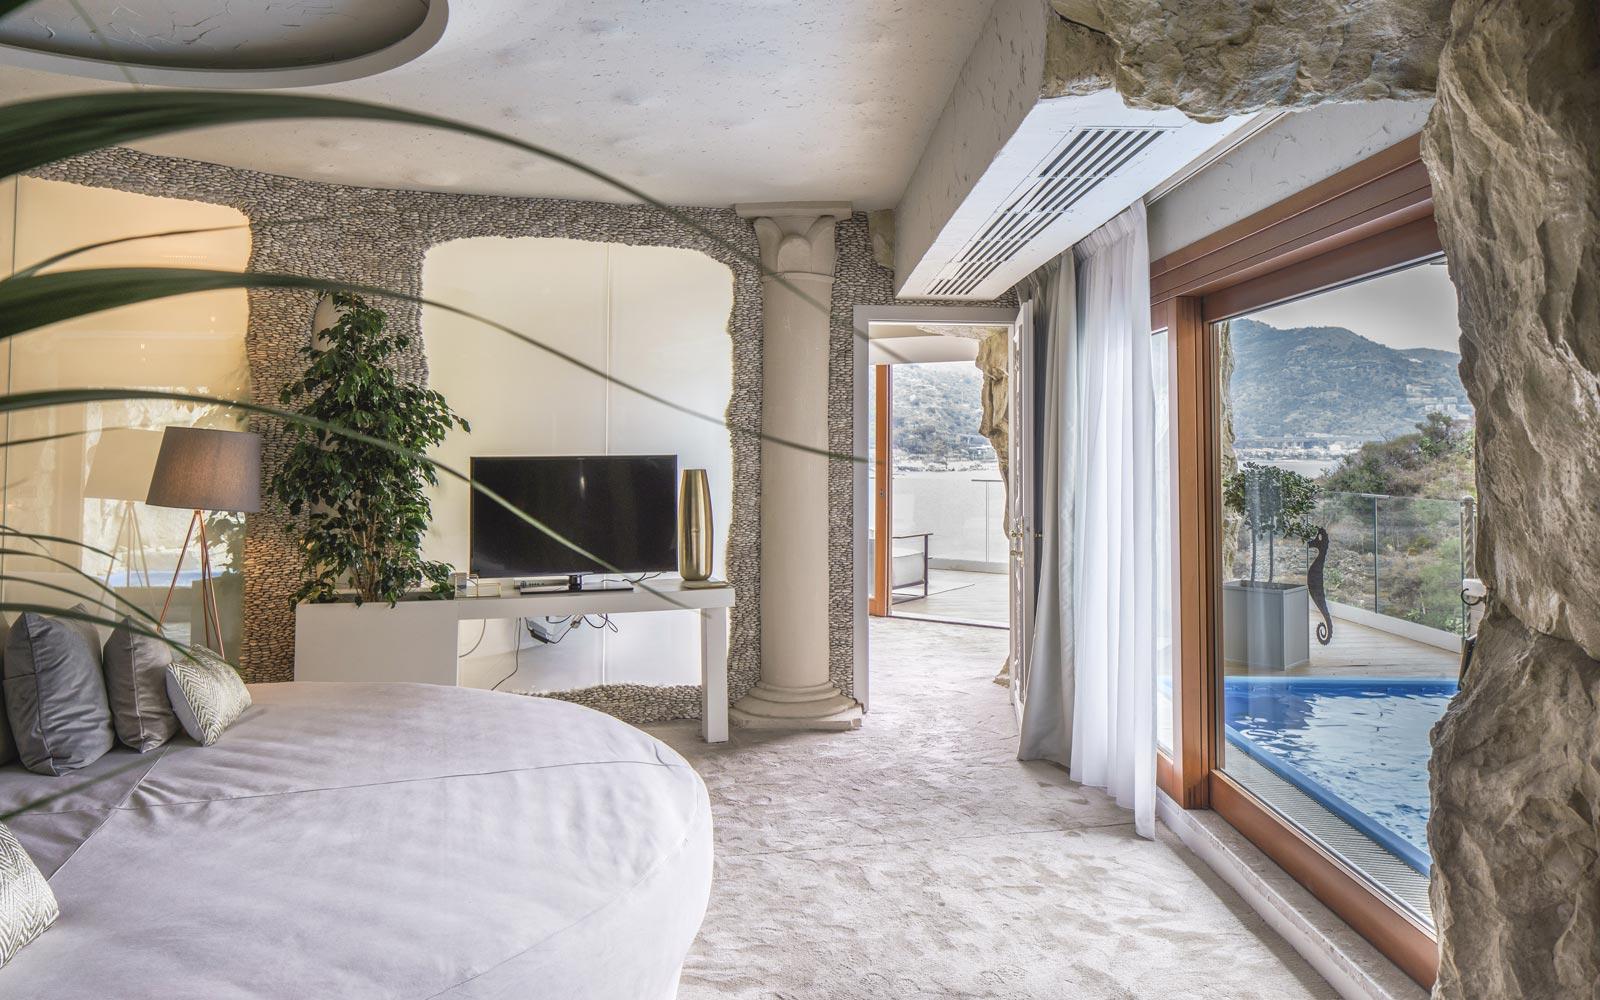 Suite Atlantide at Grand Hotel Atlantis Bay